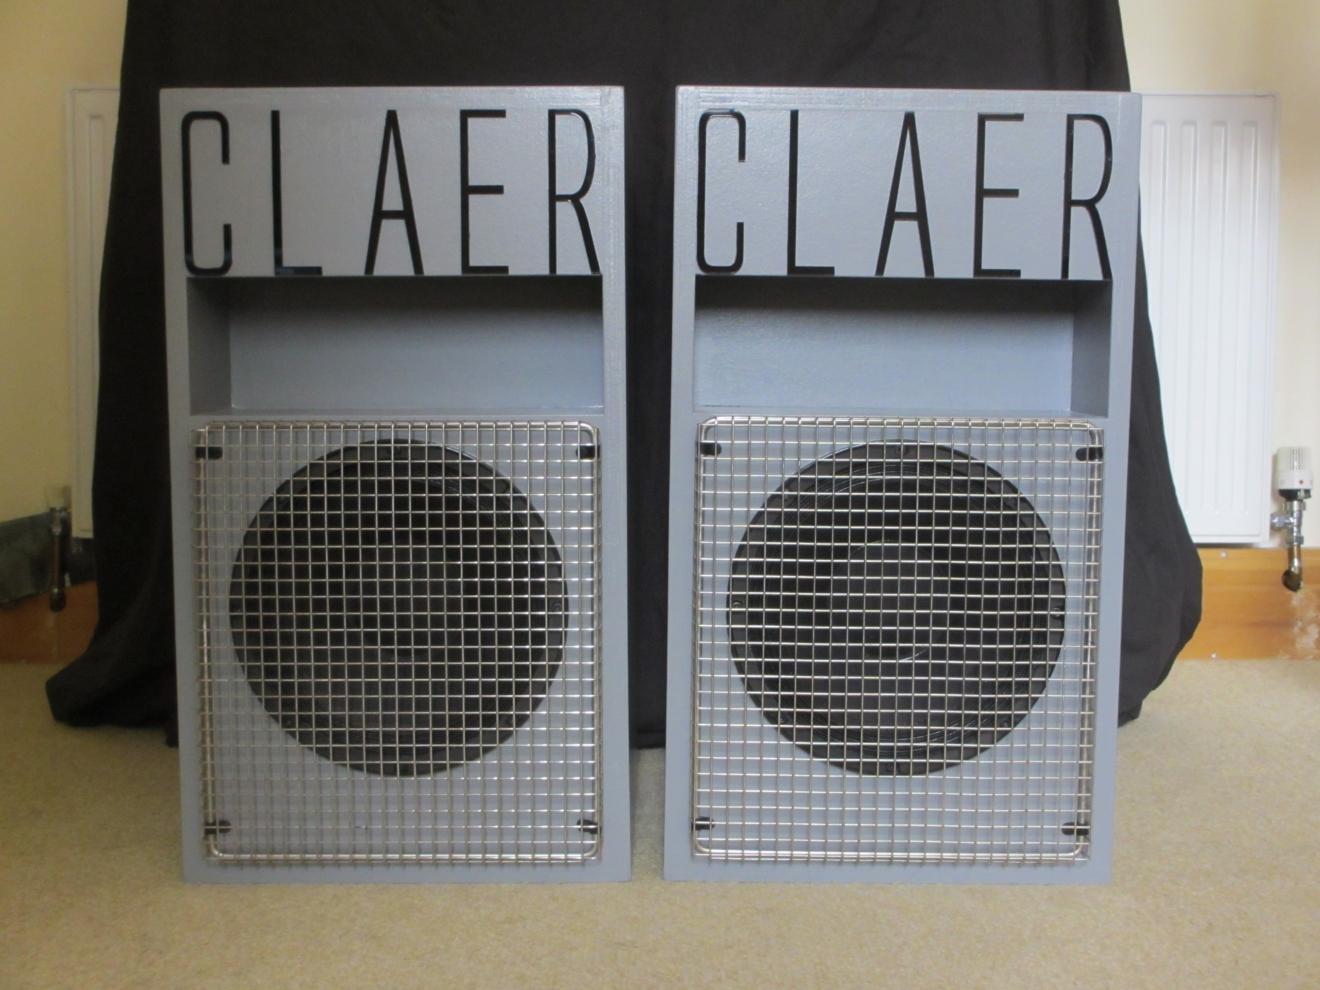 Claer PA2 - Claer - Transmission Line Speaker Design